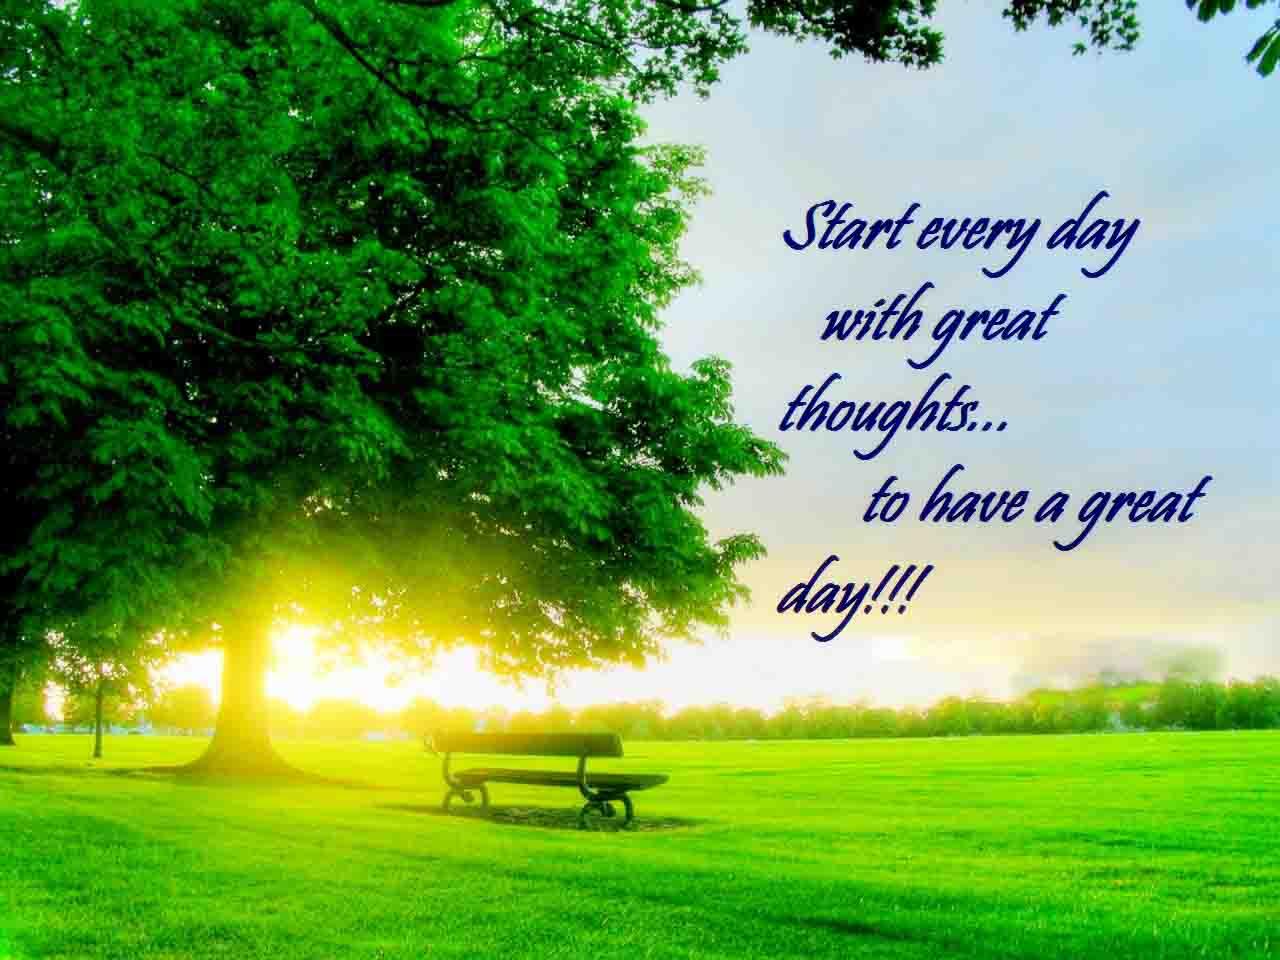 1280x960 Good Morning Trích dẫn đẹp - Chào buổi sáng có một ngày tốt đẹp - 1280x960 - Tải xuống Hình nền HD